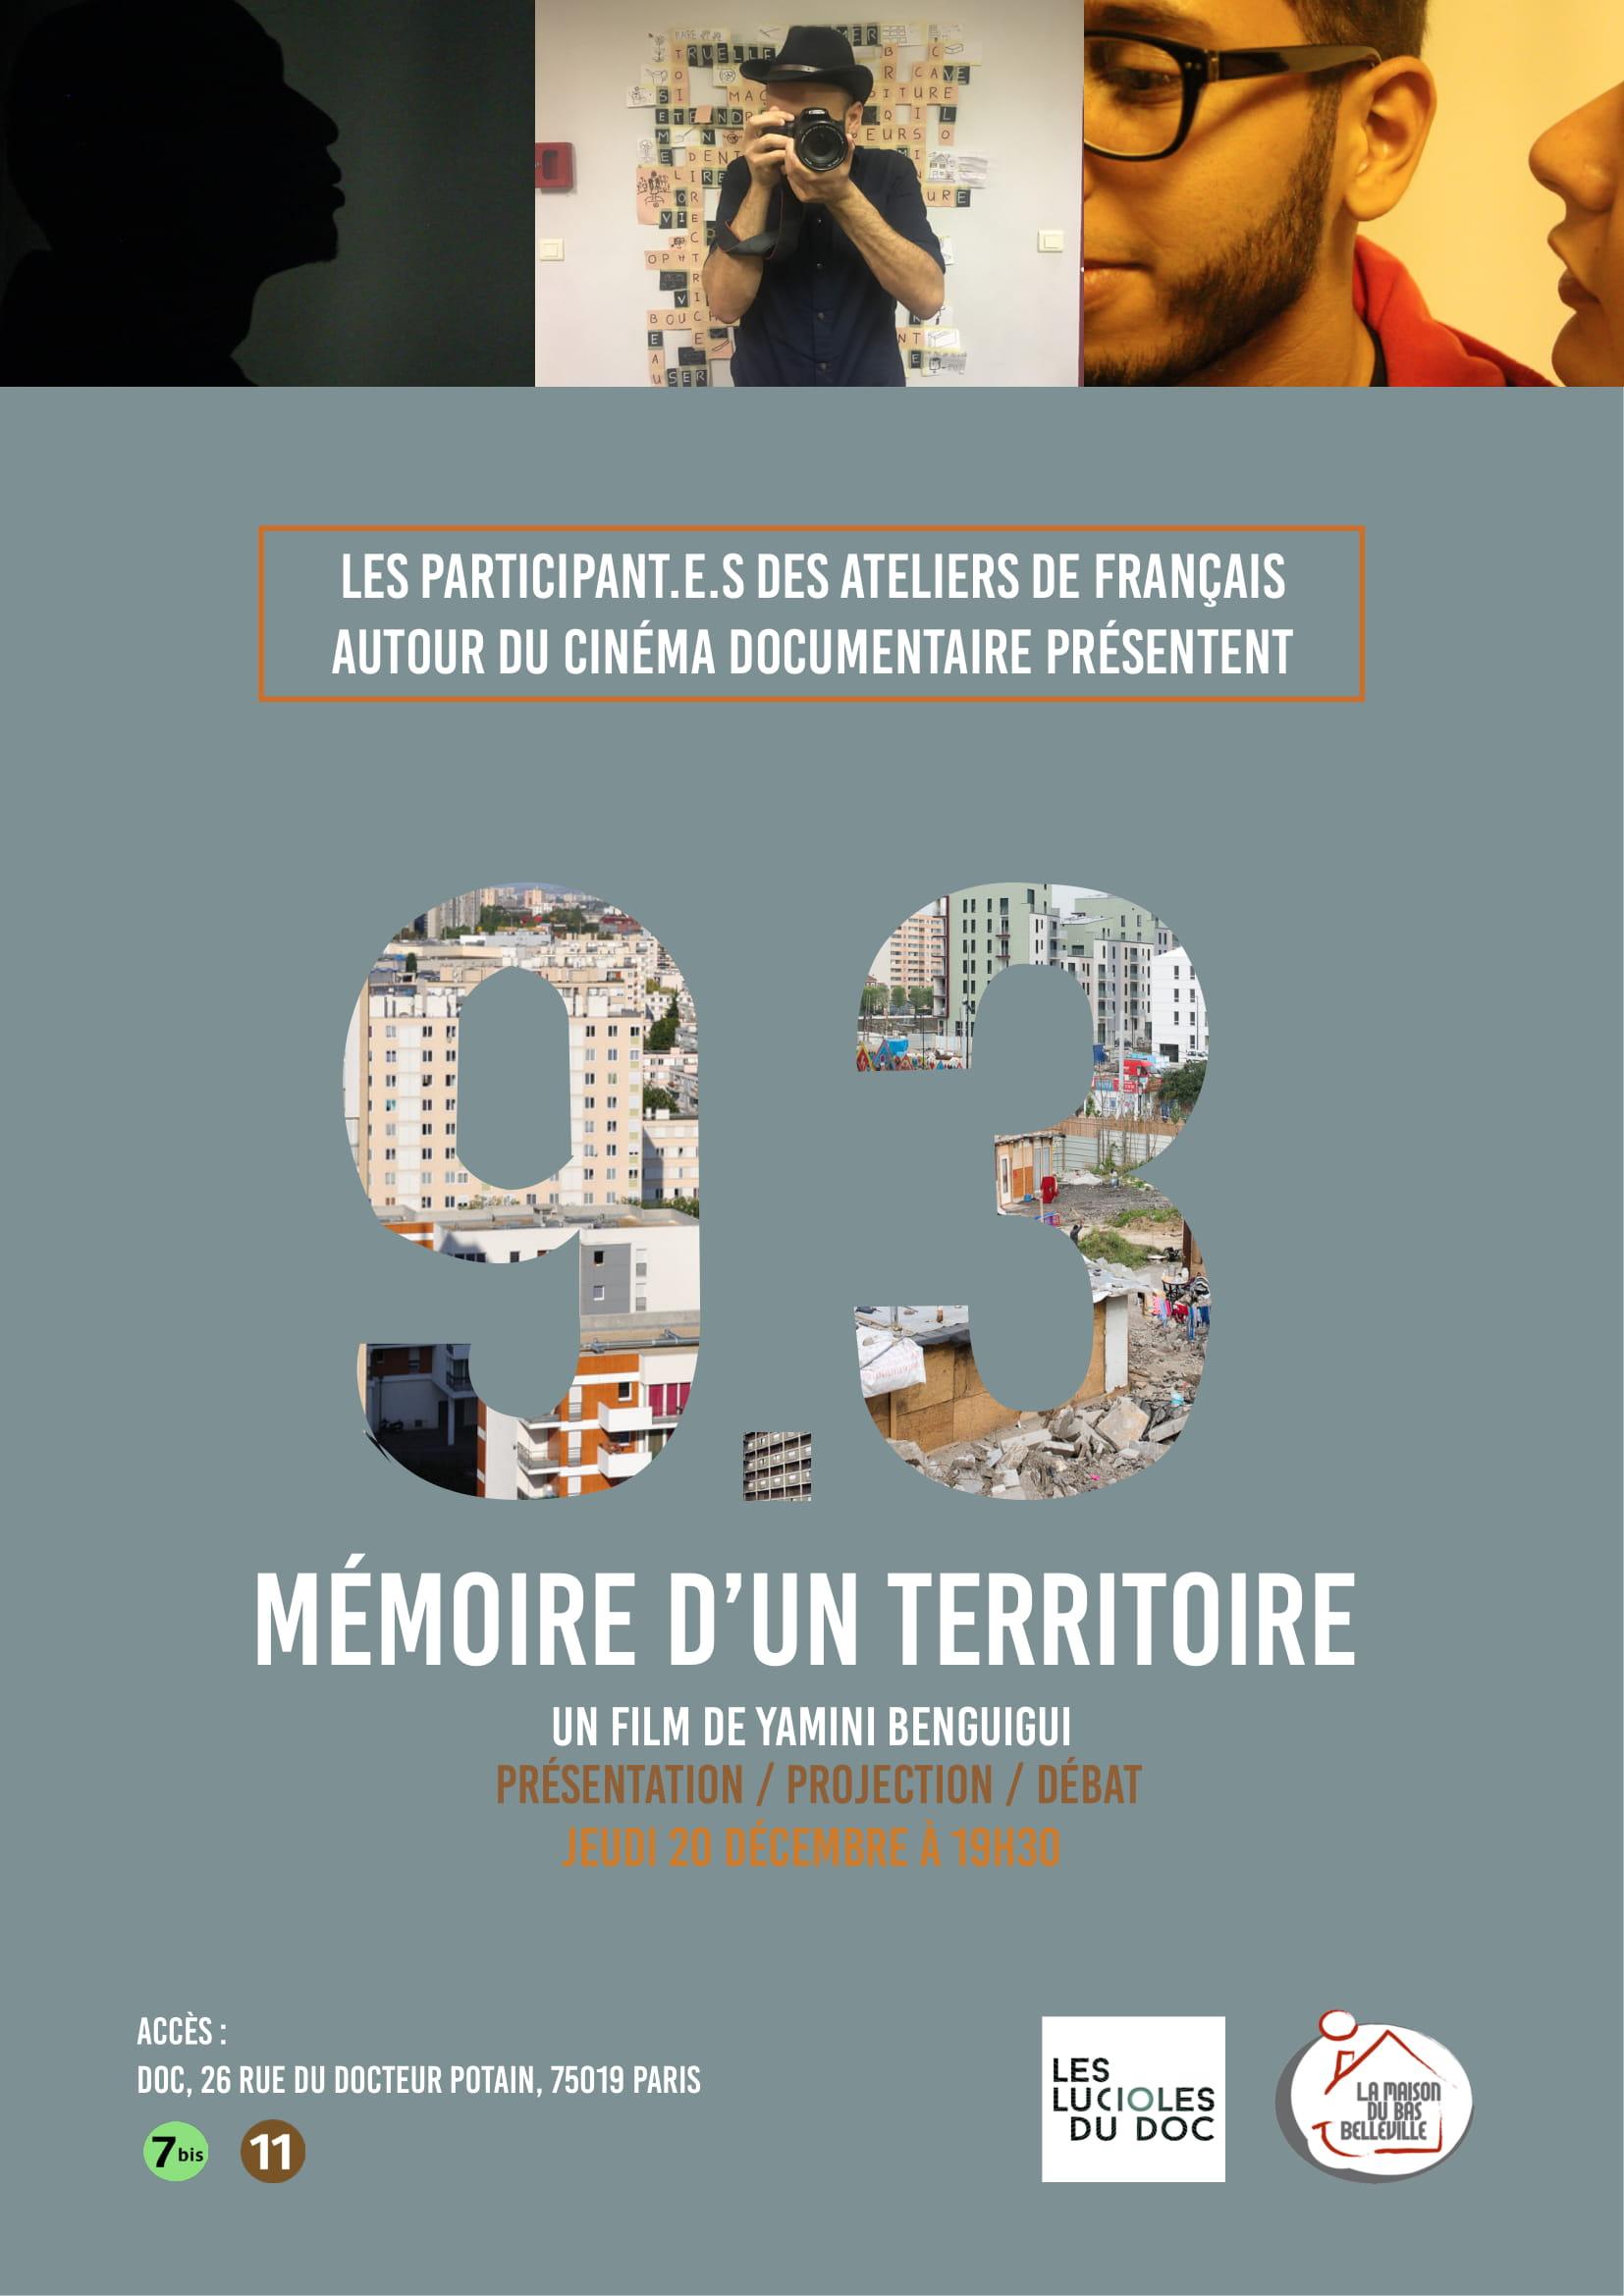 Affiche V2 mémoire d'un territoire-1-1 2